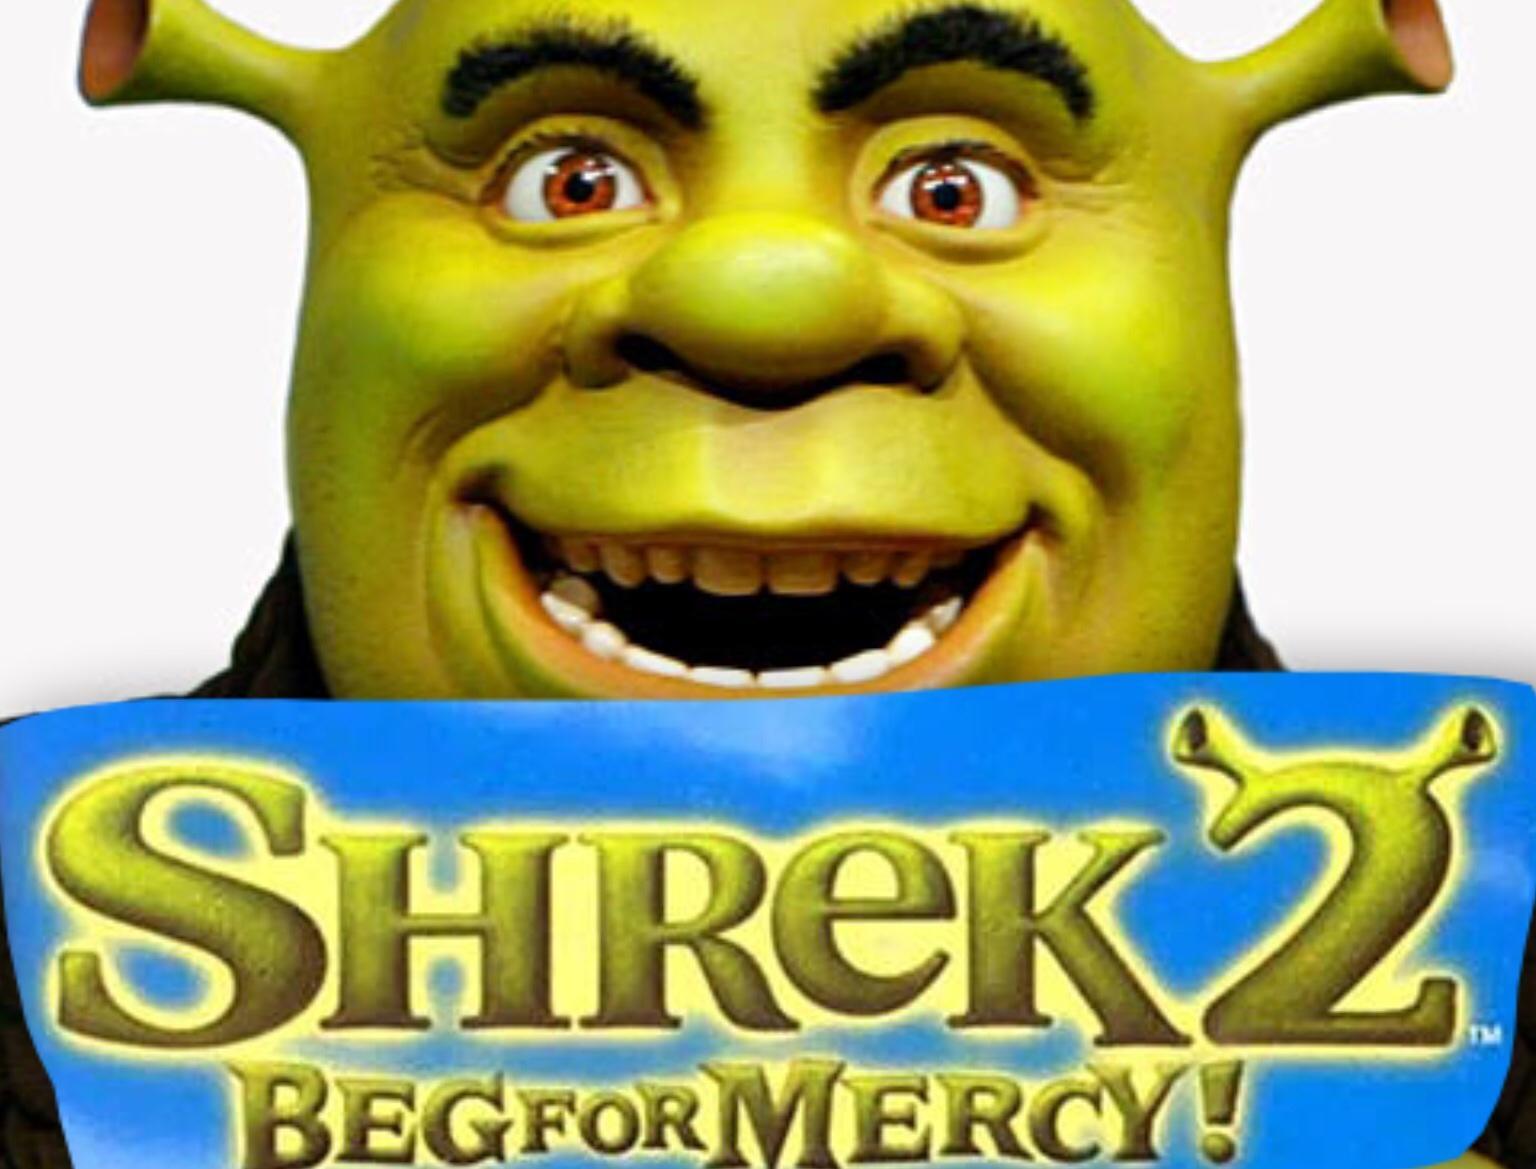 Shrek 2 Beg For Mercy Shrek Know Your Meme